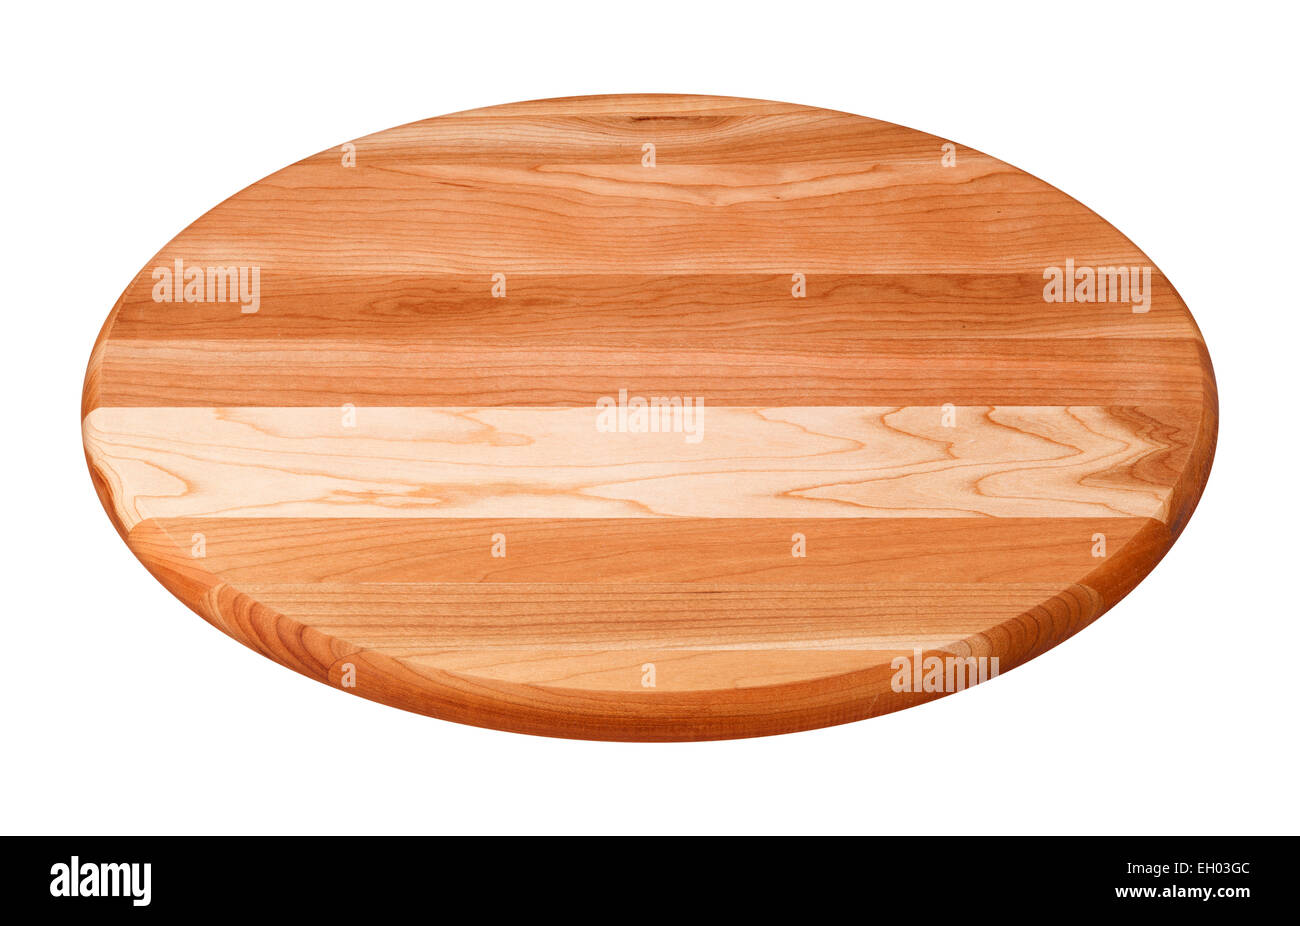 Planche à découper en bois rond isolé sur blanc. Photo Stock